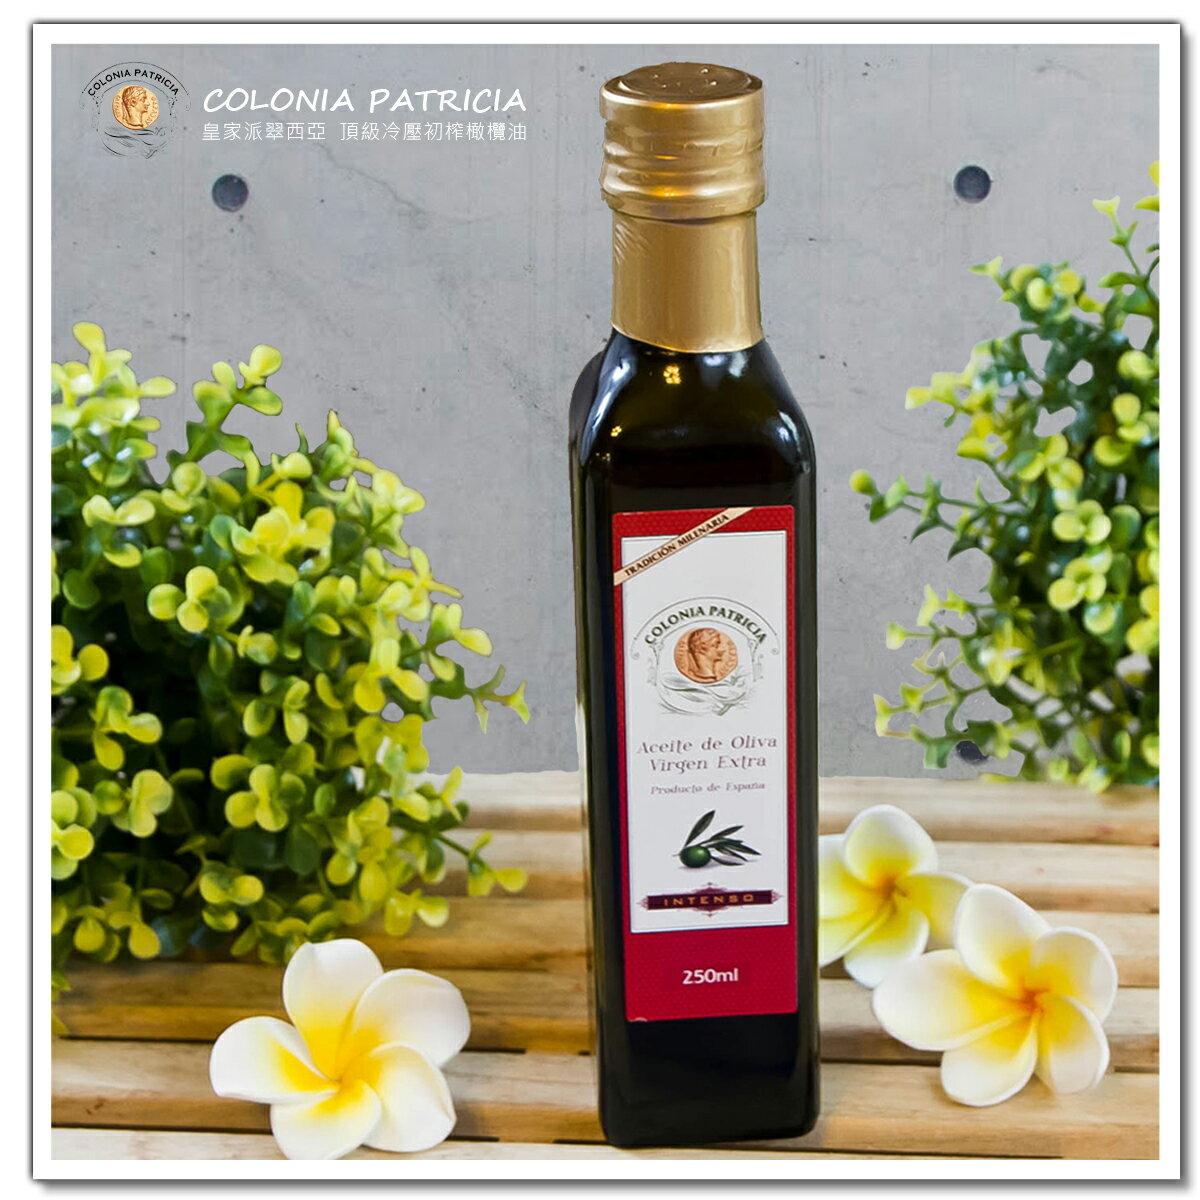 《西班牙皇家派翠西亞100%頂級單品冷壓初榨橄欖油》【250ml單瓶裝含盒】單一品種:Picual 皮夸爾,口感濃郁